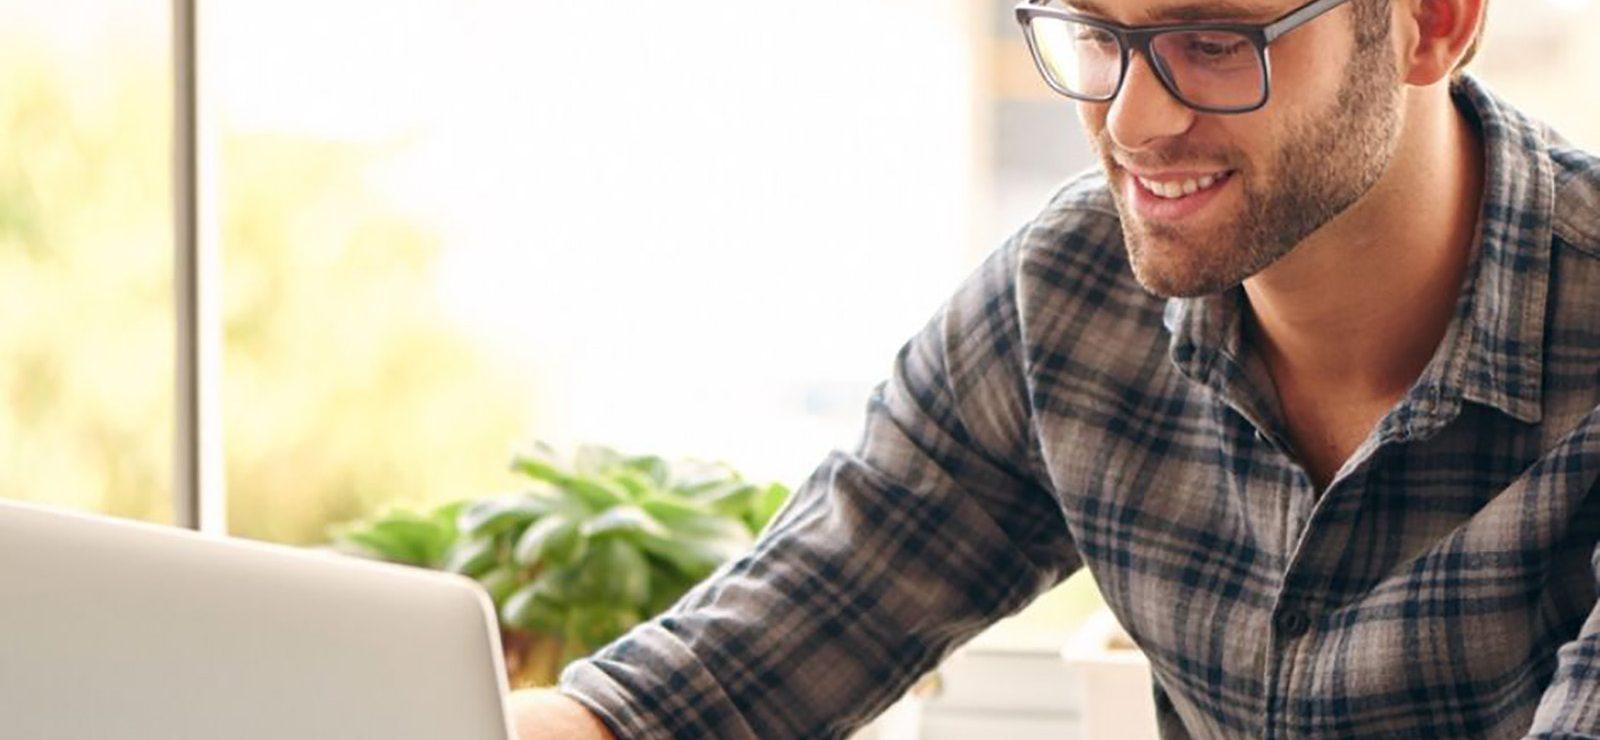 Cómo usar los dispositivos móviles para evitar dolores de espalda